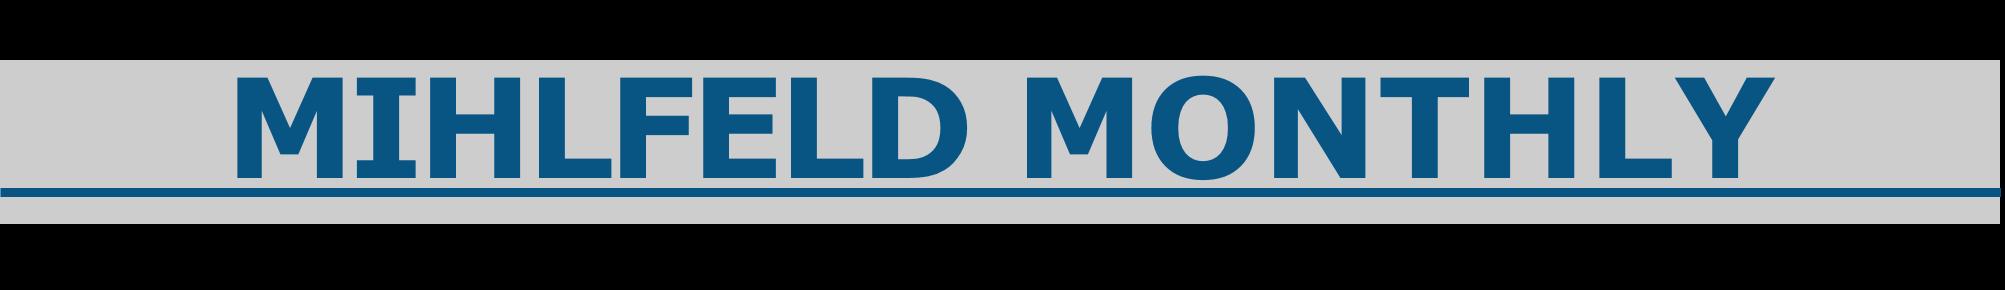 Mihlfeld Monthly Banner-2